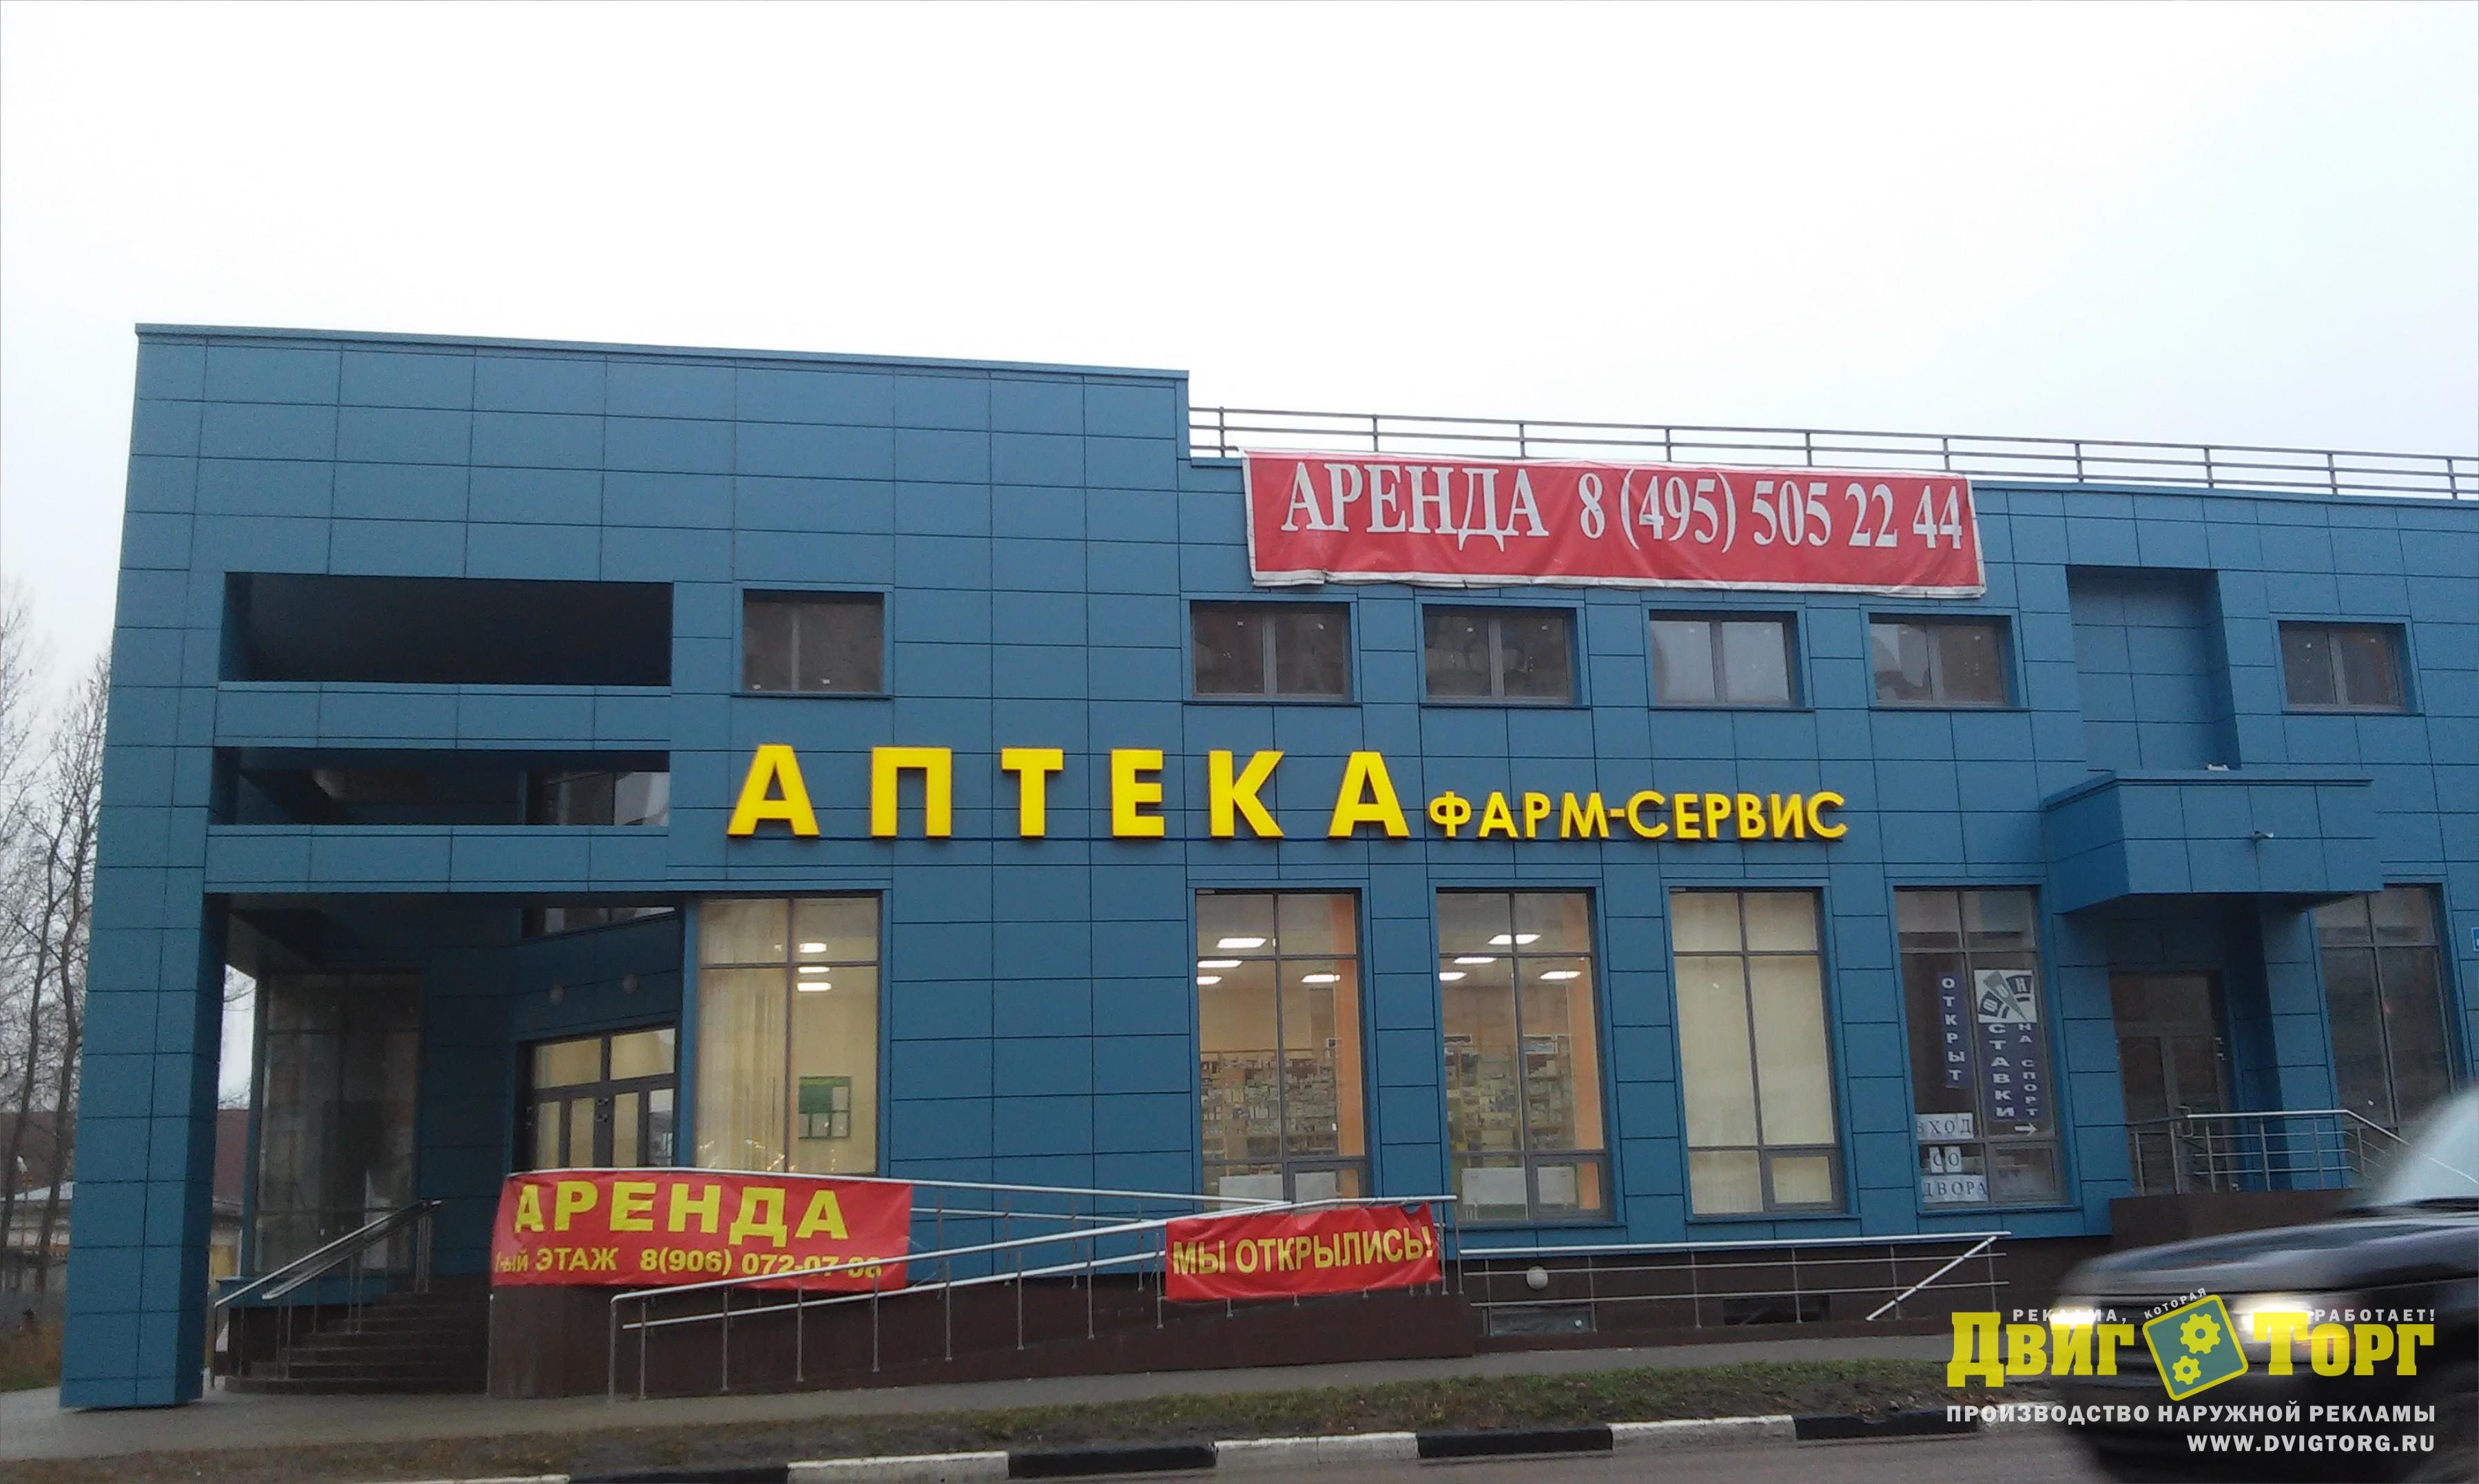 Аптека в Дубне